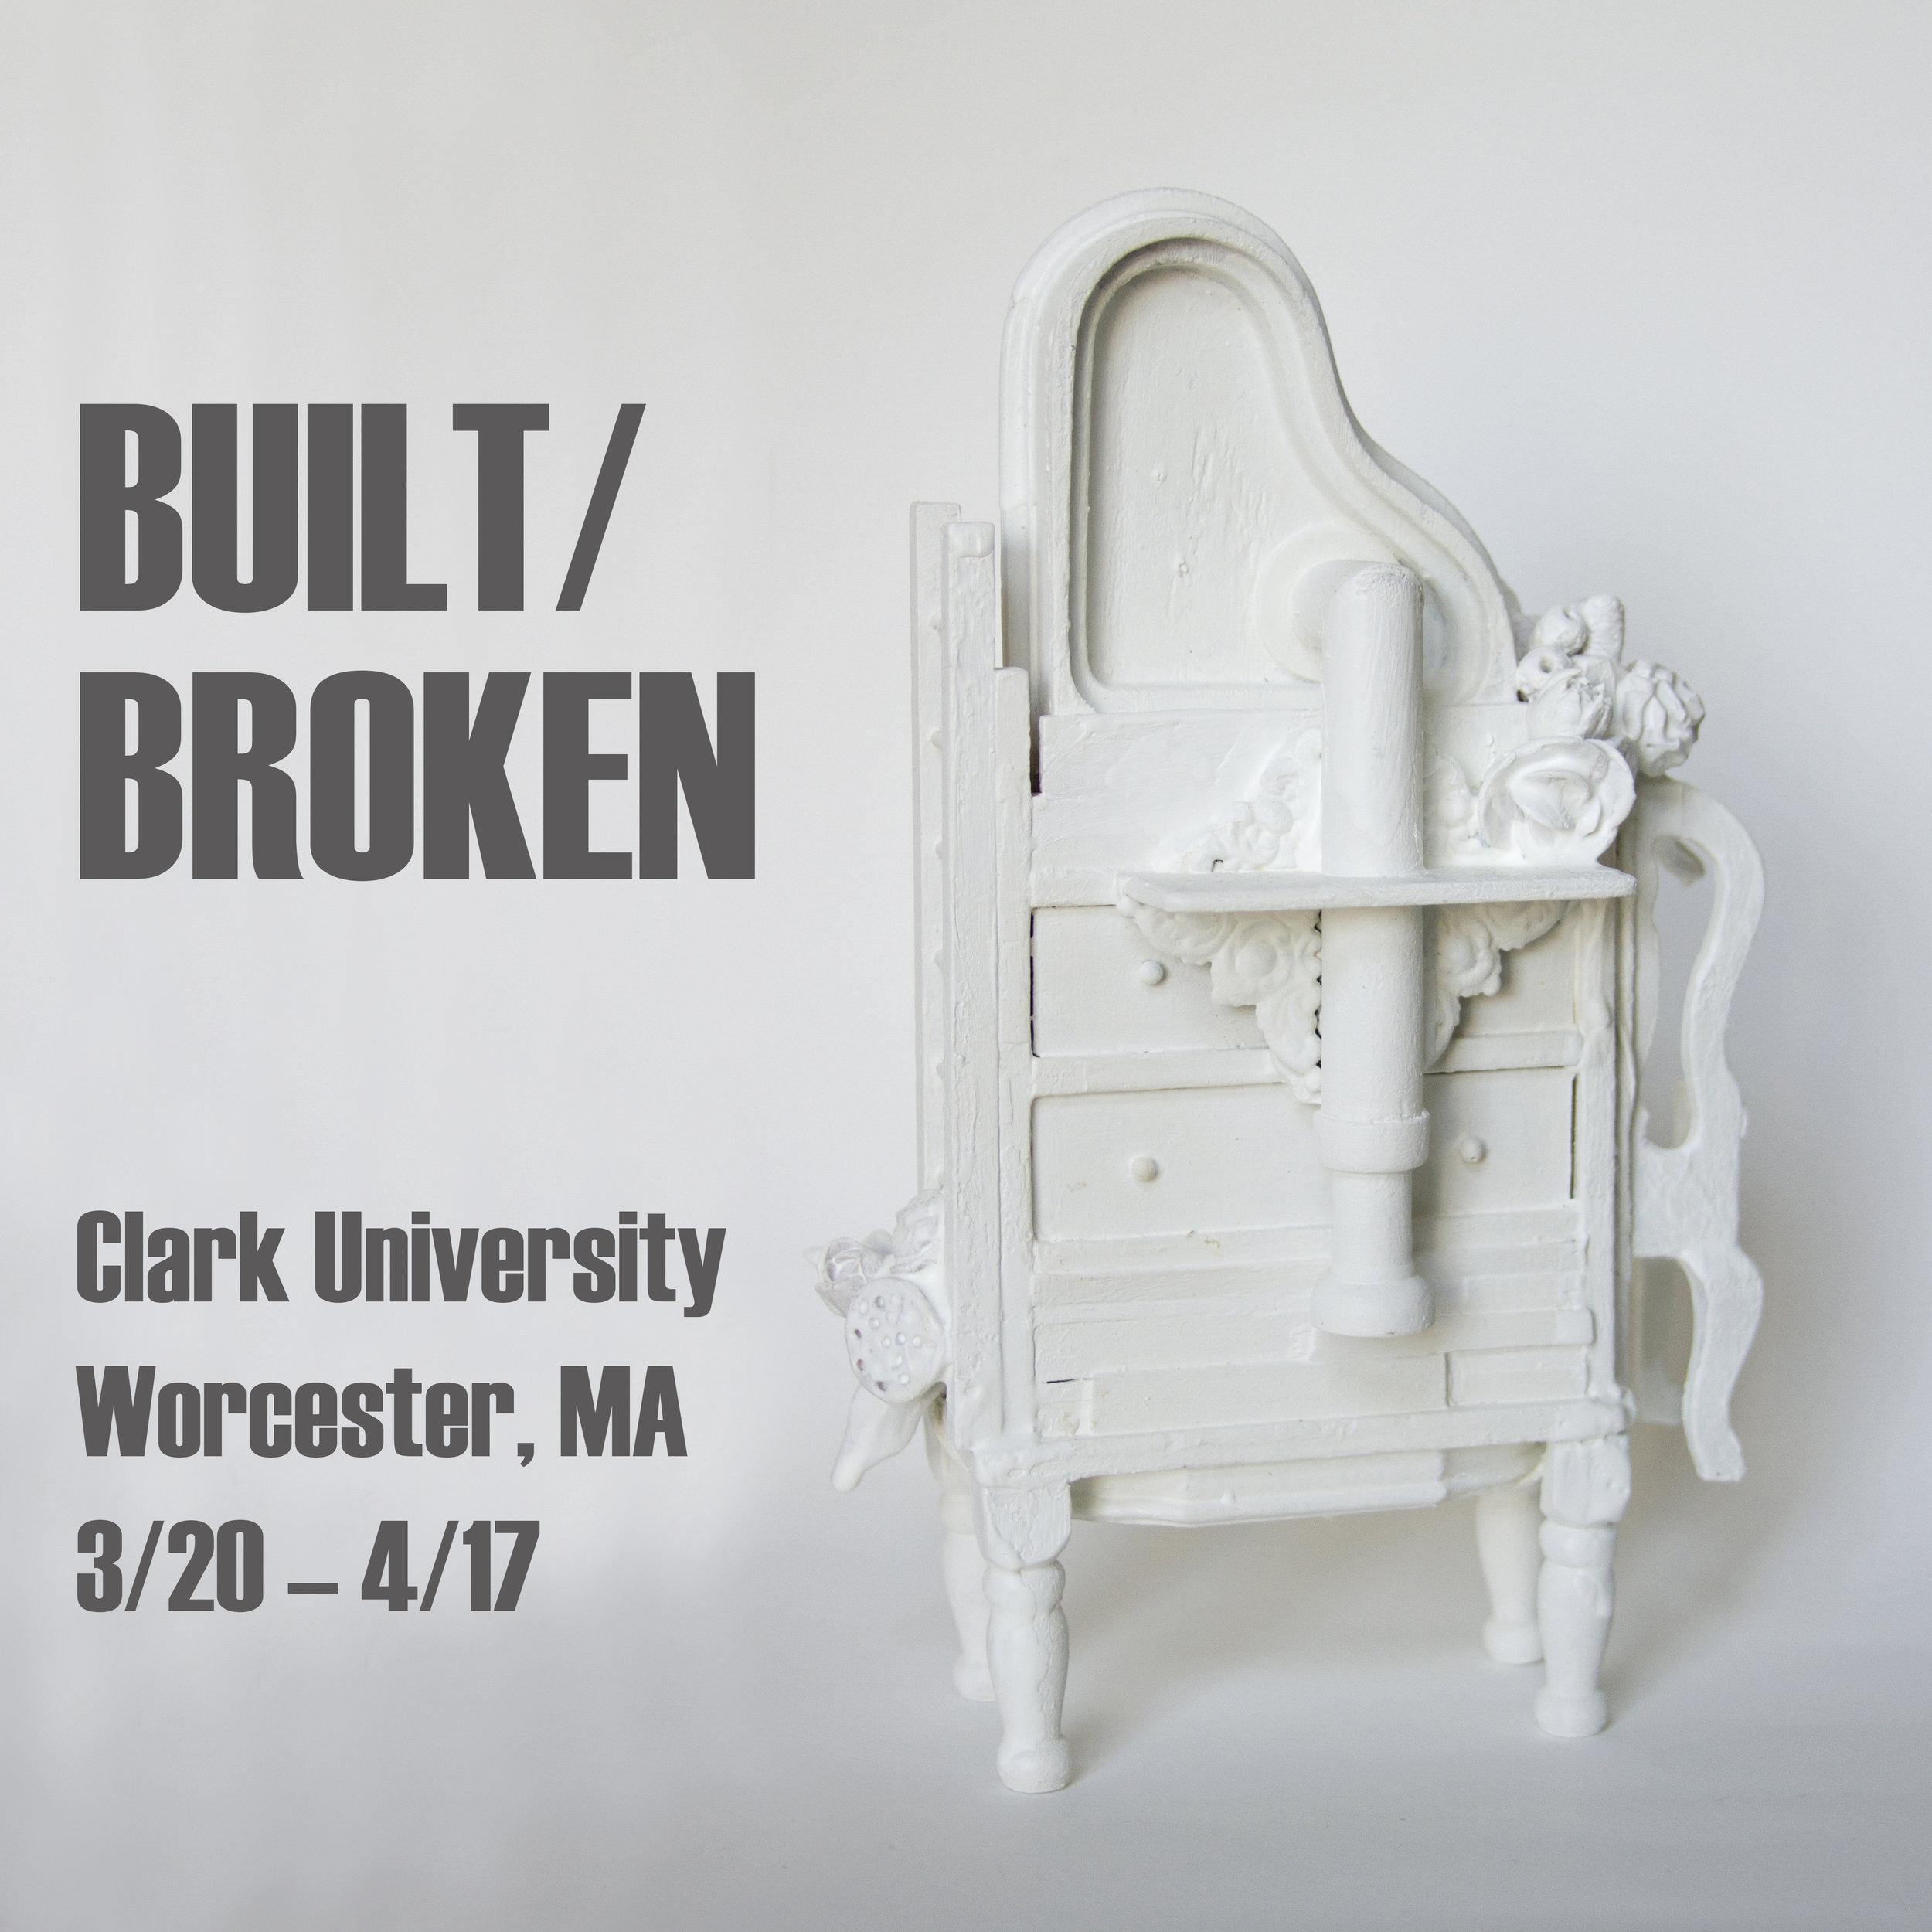 """Flight of Fancy , sculpture by Chelsea Revelle in """"Built/Broken"""" exhibit"""